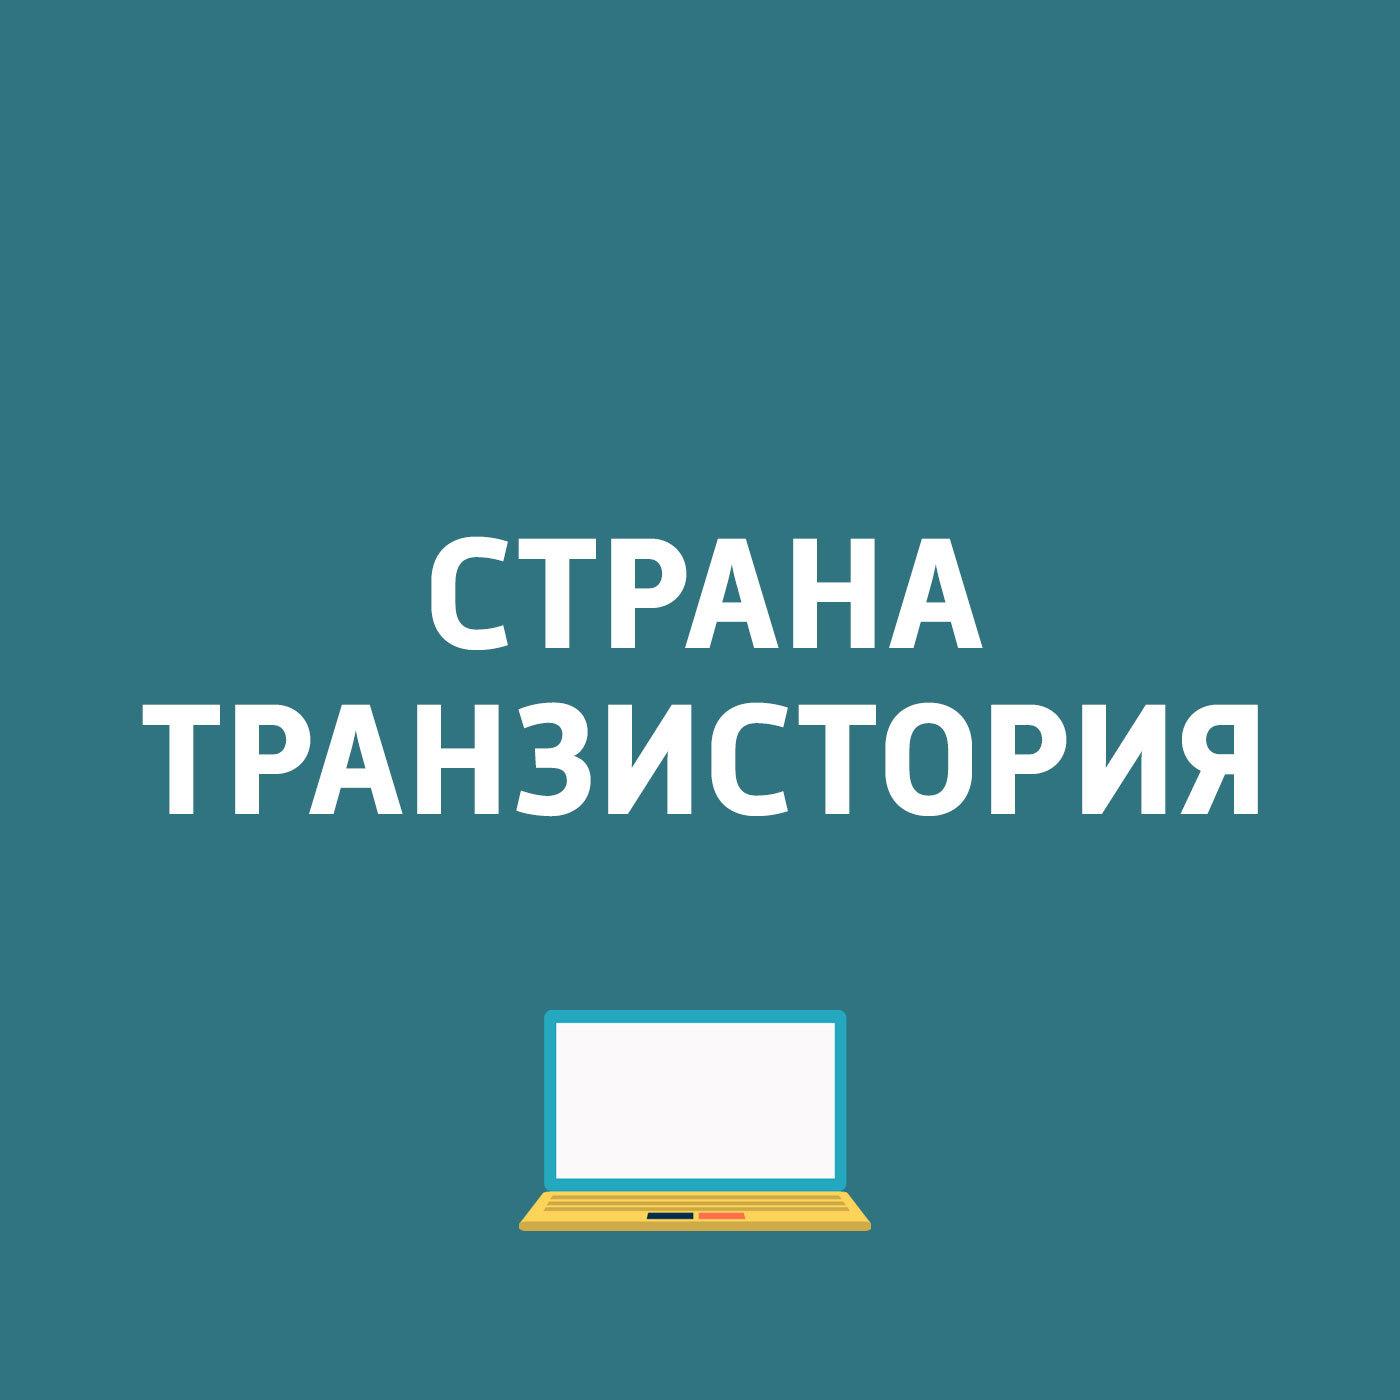 Началась блокировка Telegram на территории России; Устройство для разблокировки iPhone; Hermitage Online в сообществе ВКонтакте